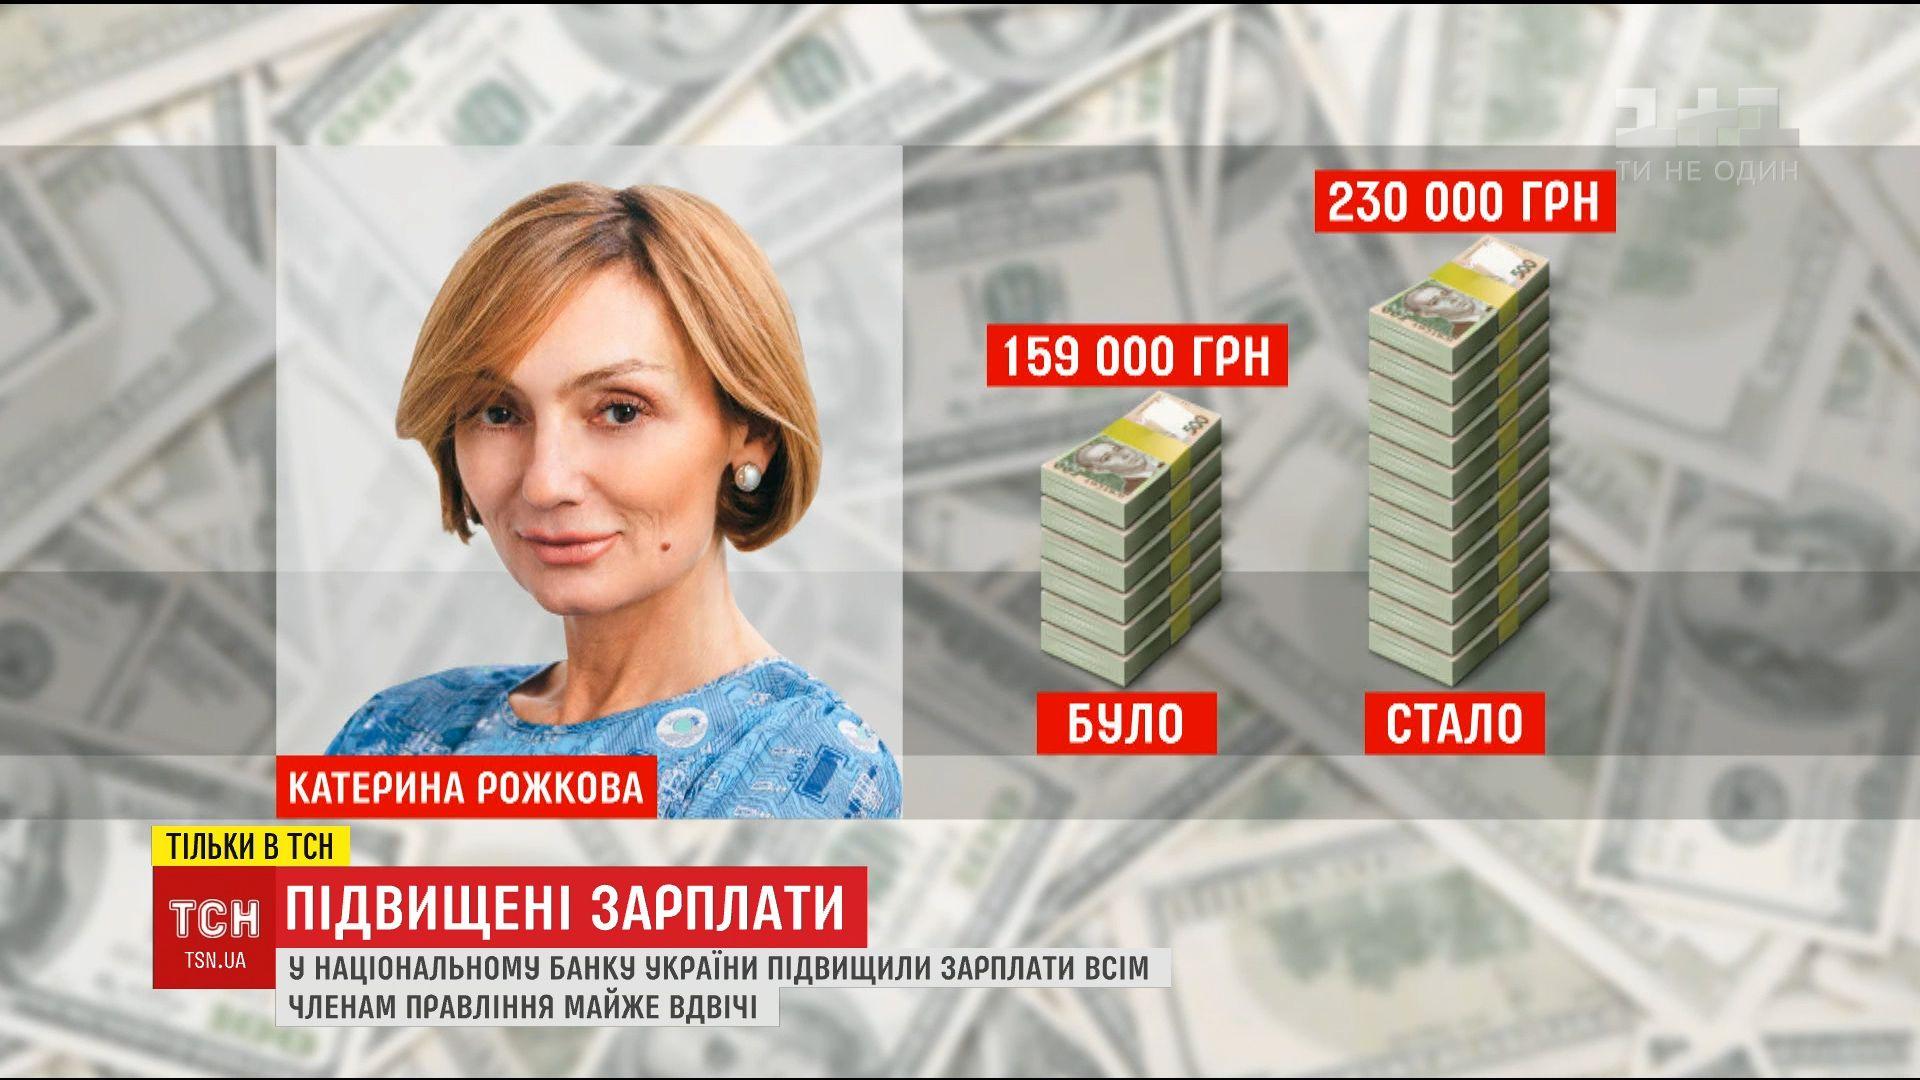 Работники Нацбанка вдвое повысили себе зарплату /